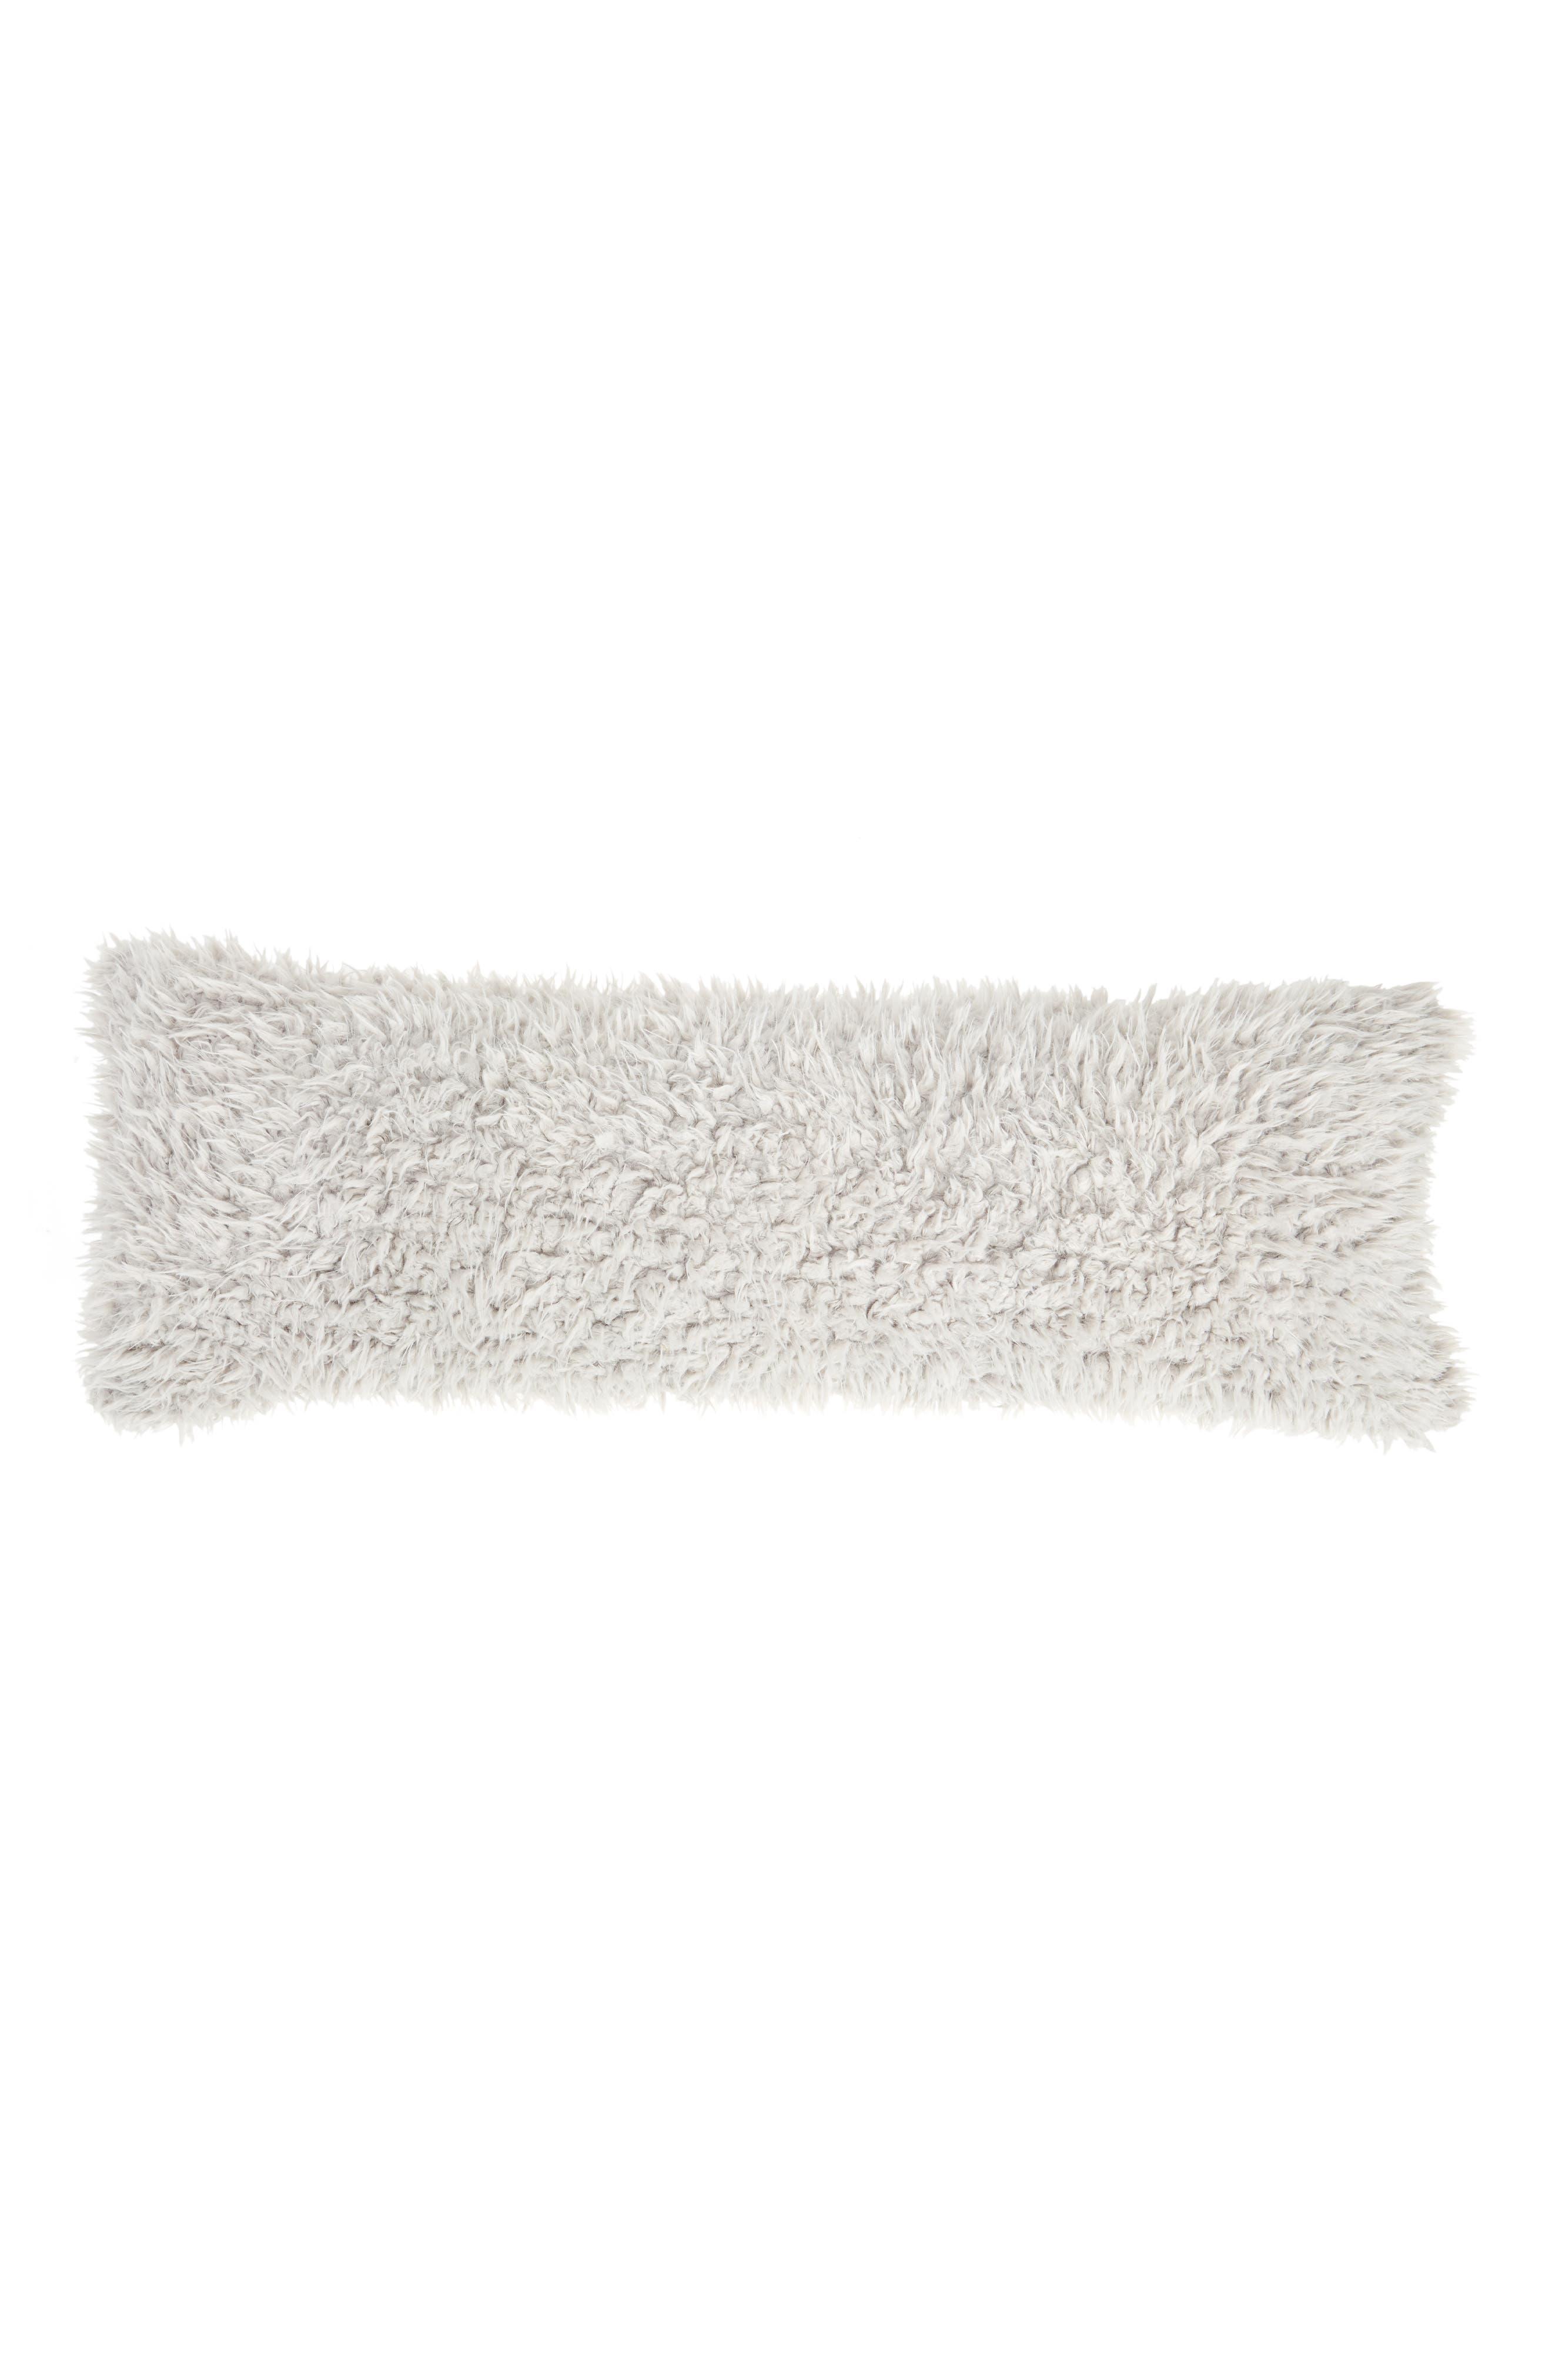 Shaggy Faux Fur Pillow,                         Main,                         color, 020